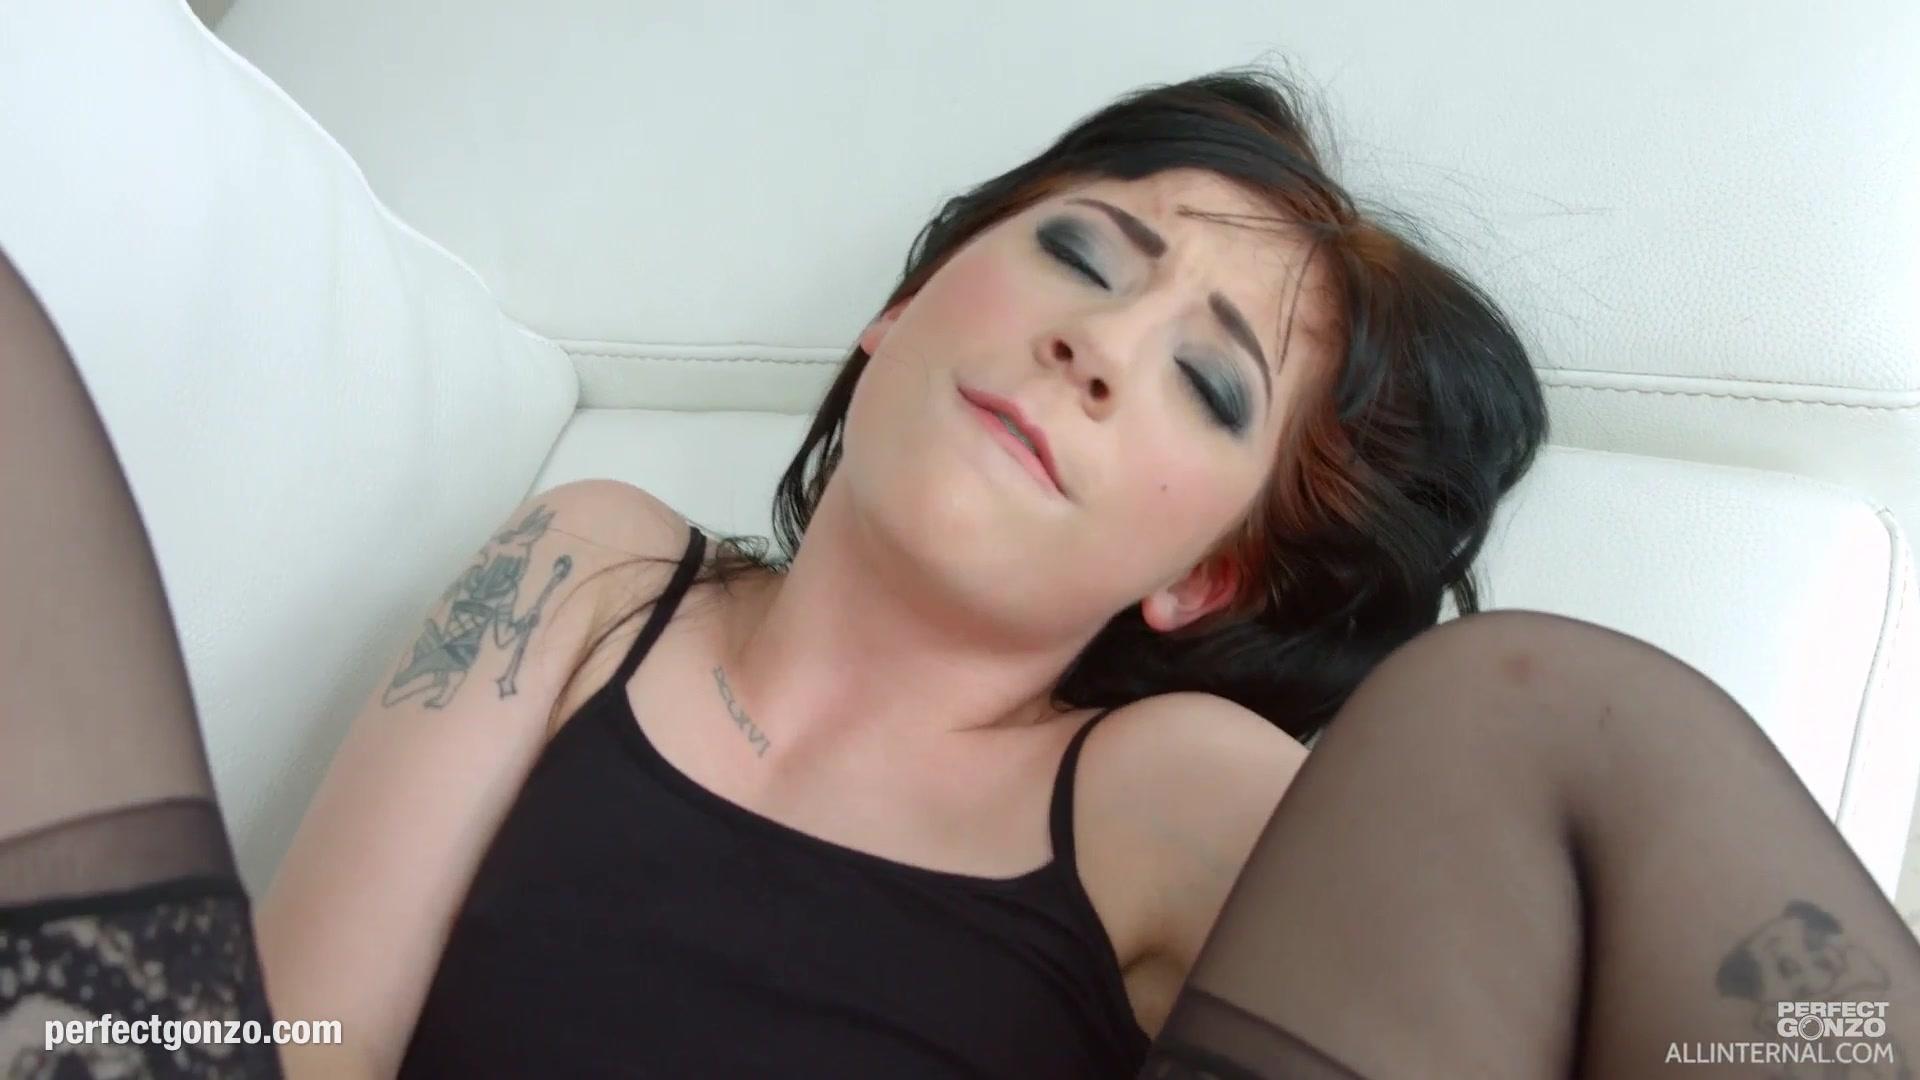 Good Video 18+ Meet pretty girls